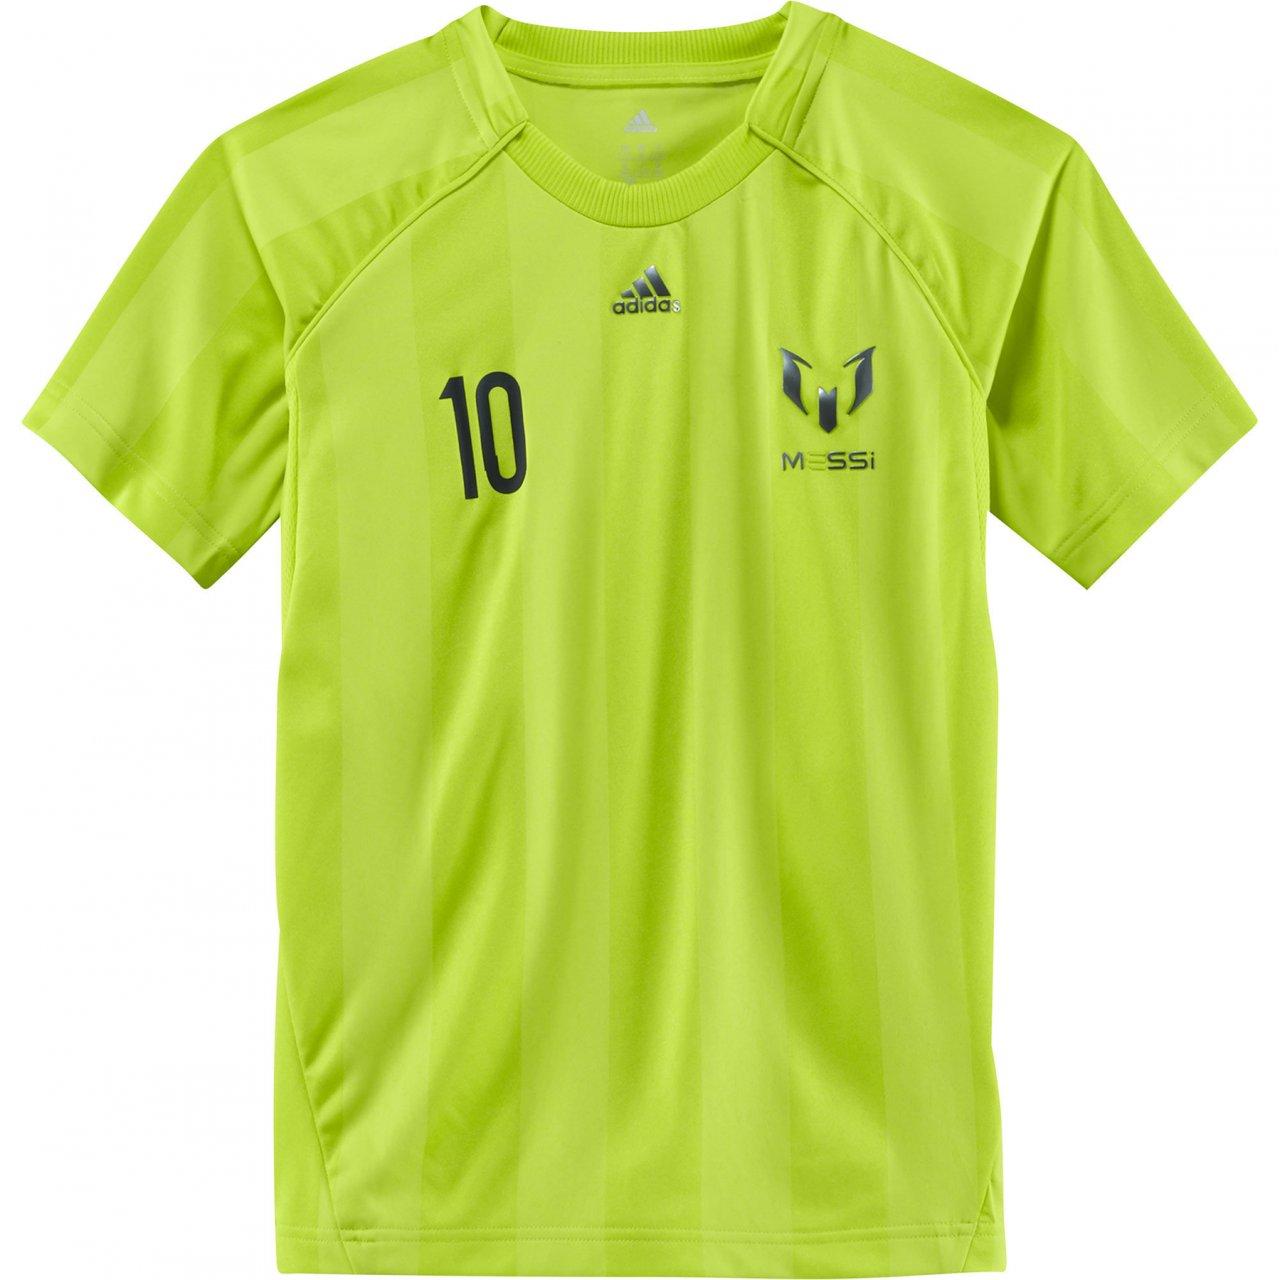 db5039c0b Buy adidas messi shirt